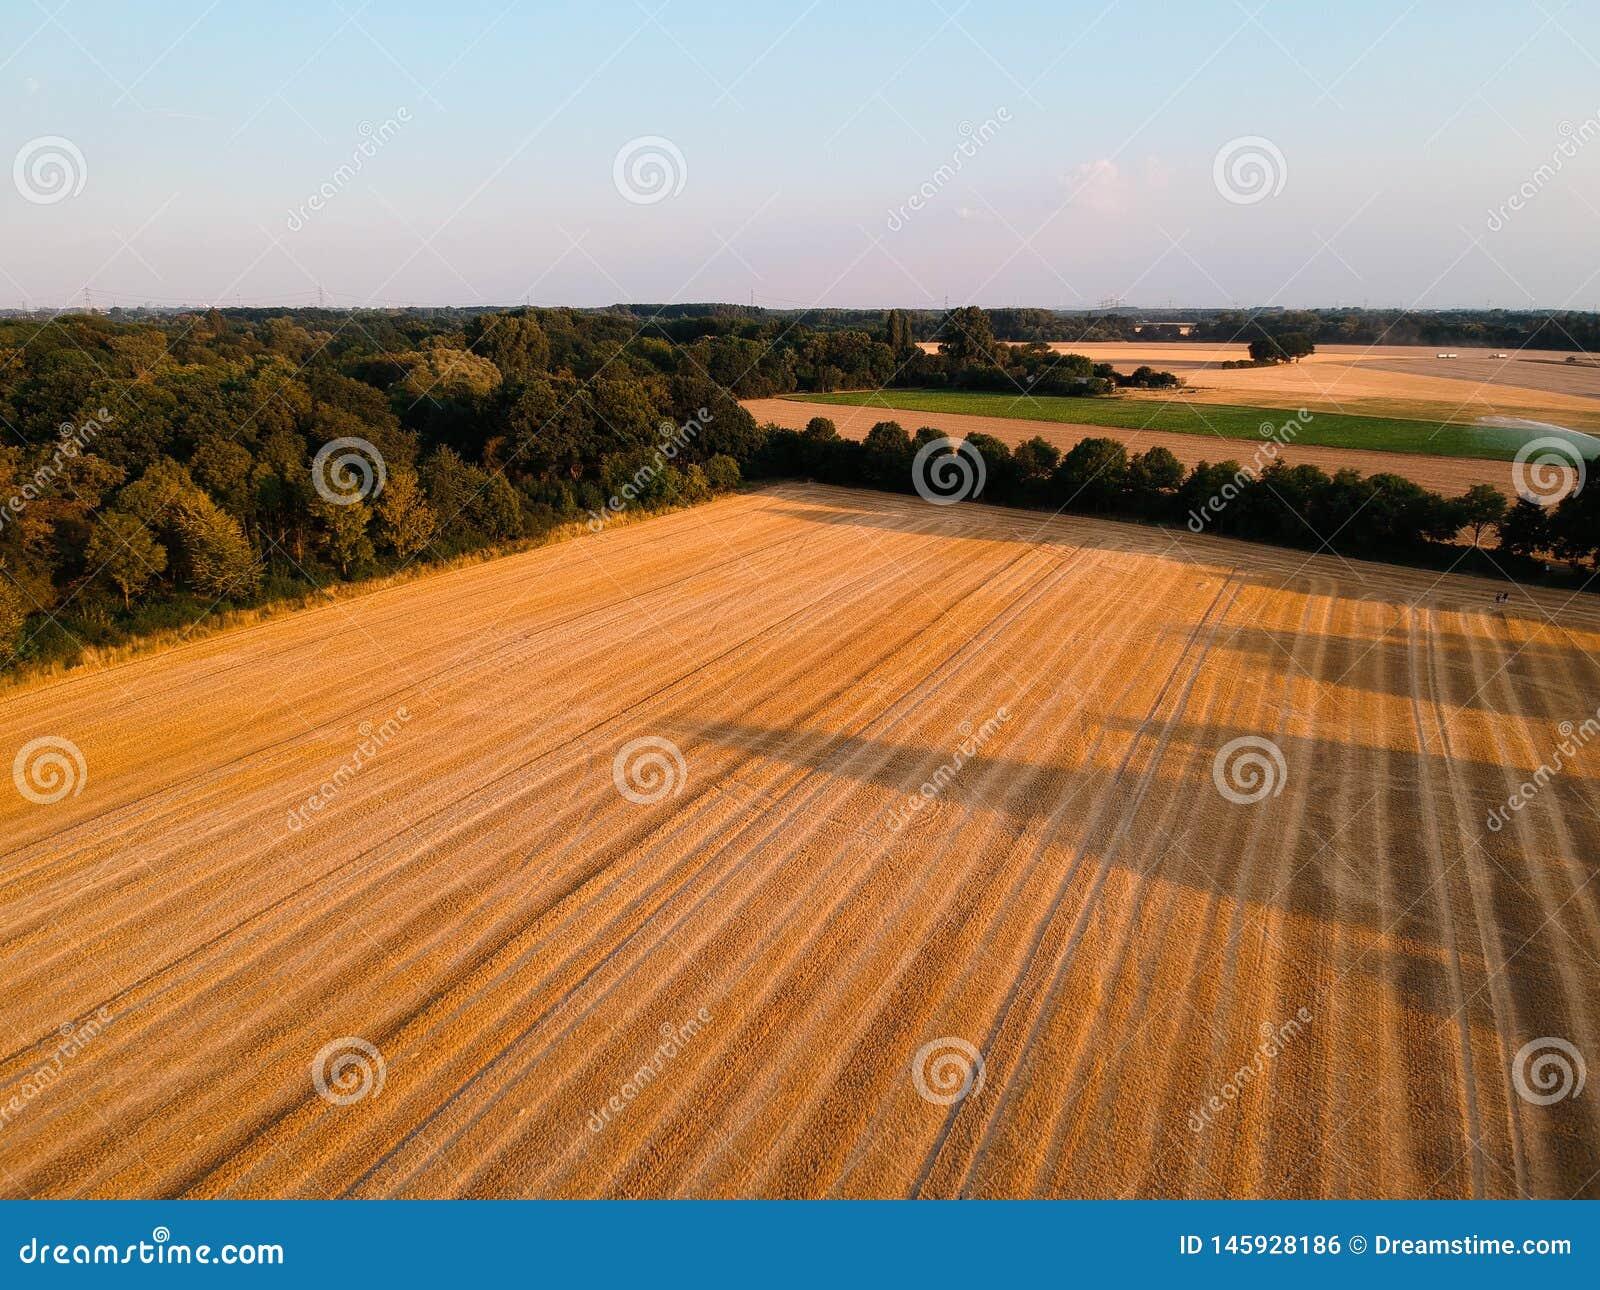 Κομμένος τομέας στη Γερμανία με το συμπαθητικό μπλε ουρανό και δέντρα στο υπόβαθρο